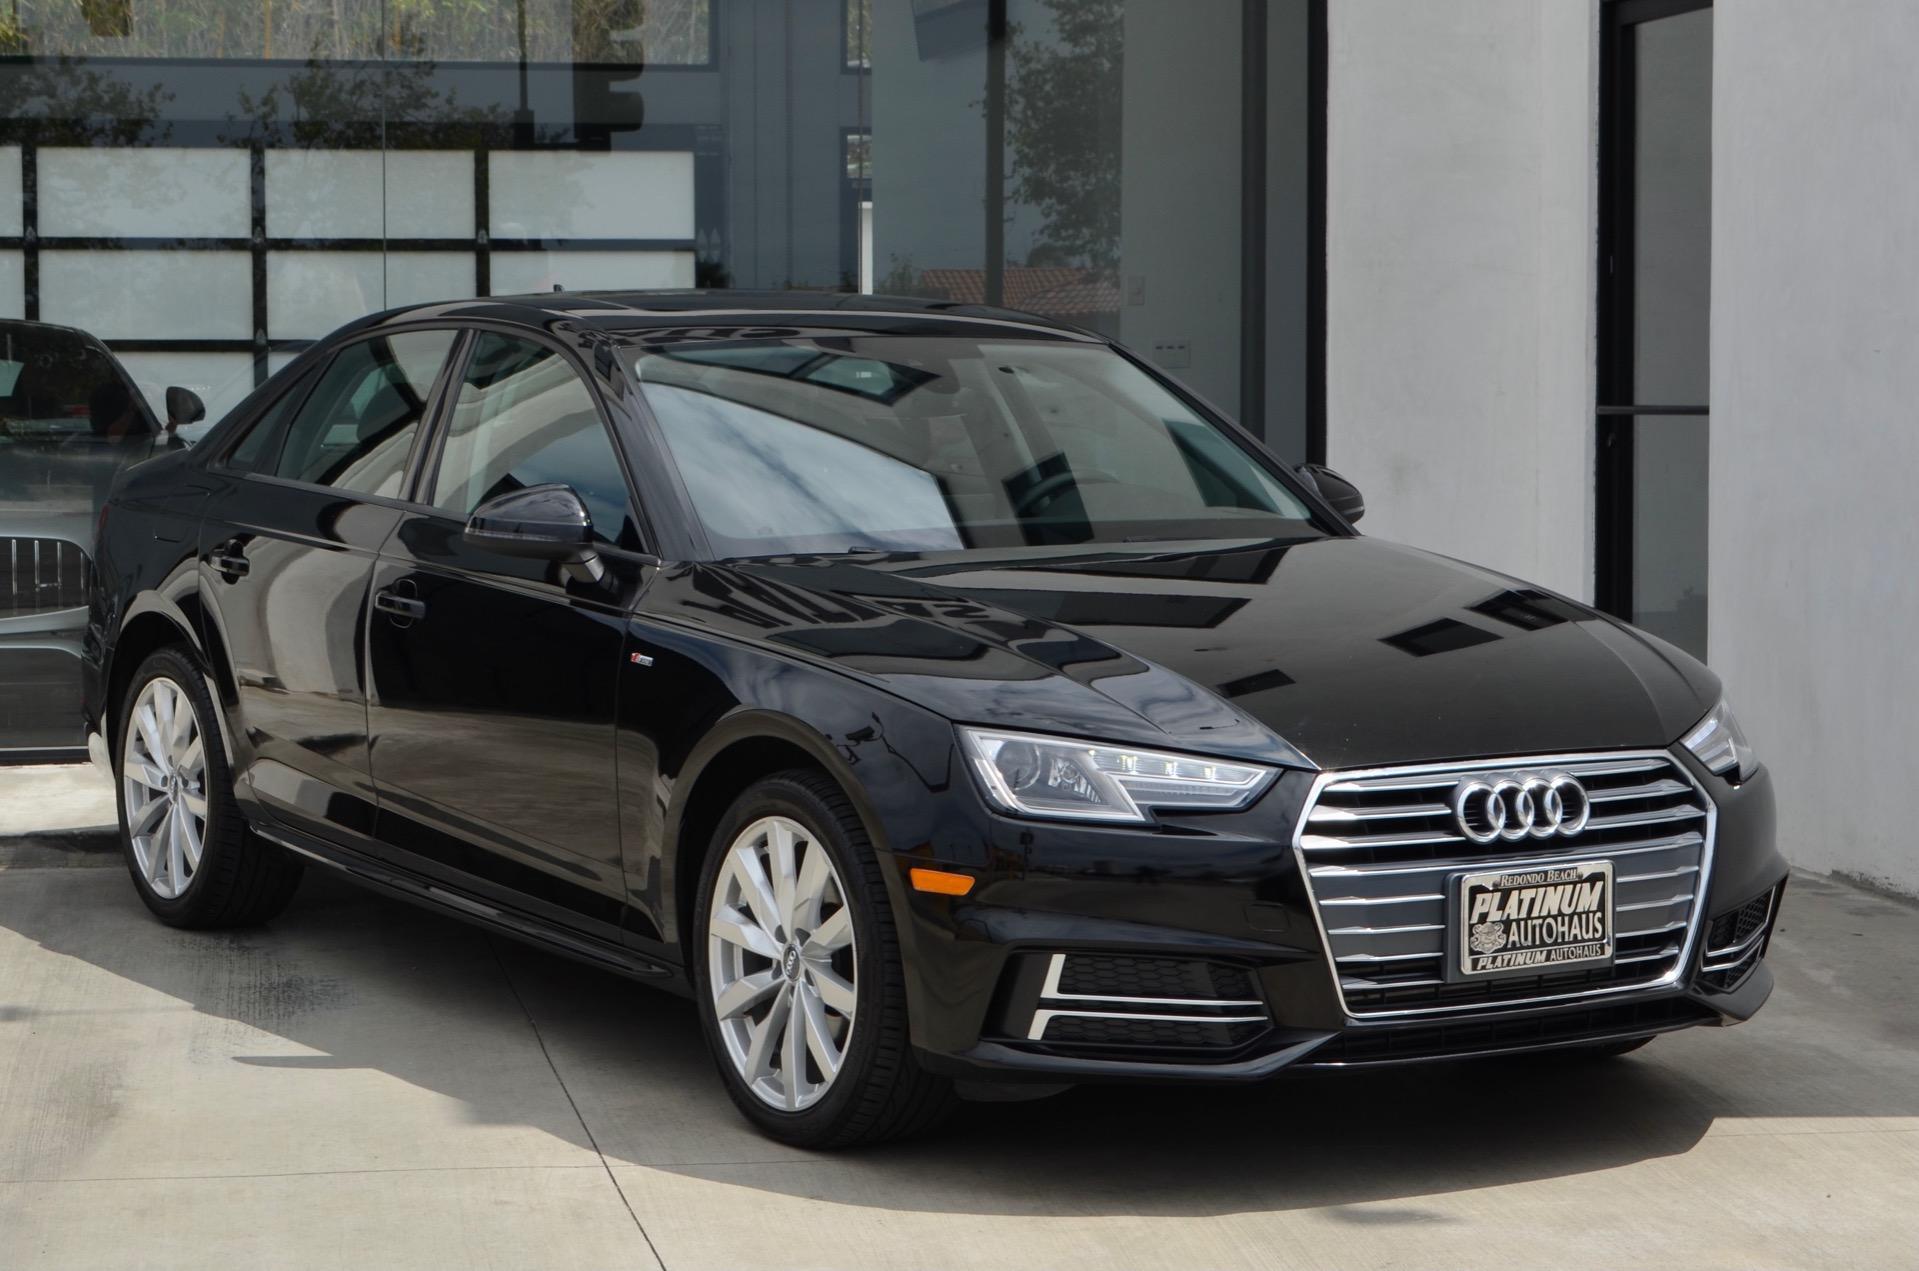 Used-2018-Audi-A4-20T-ultra-Premium